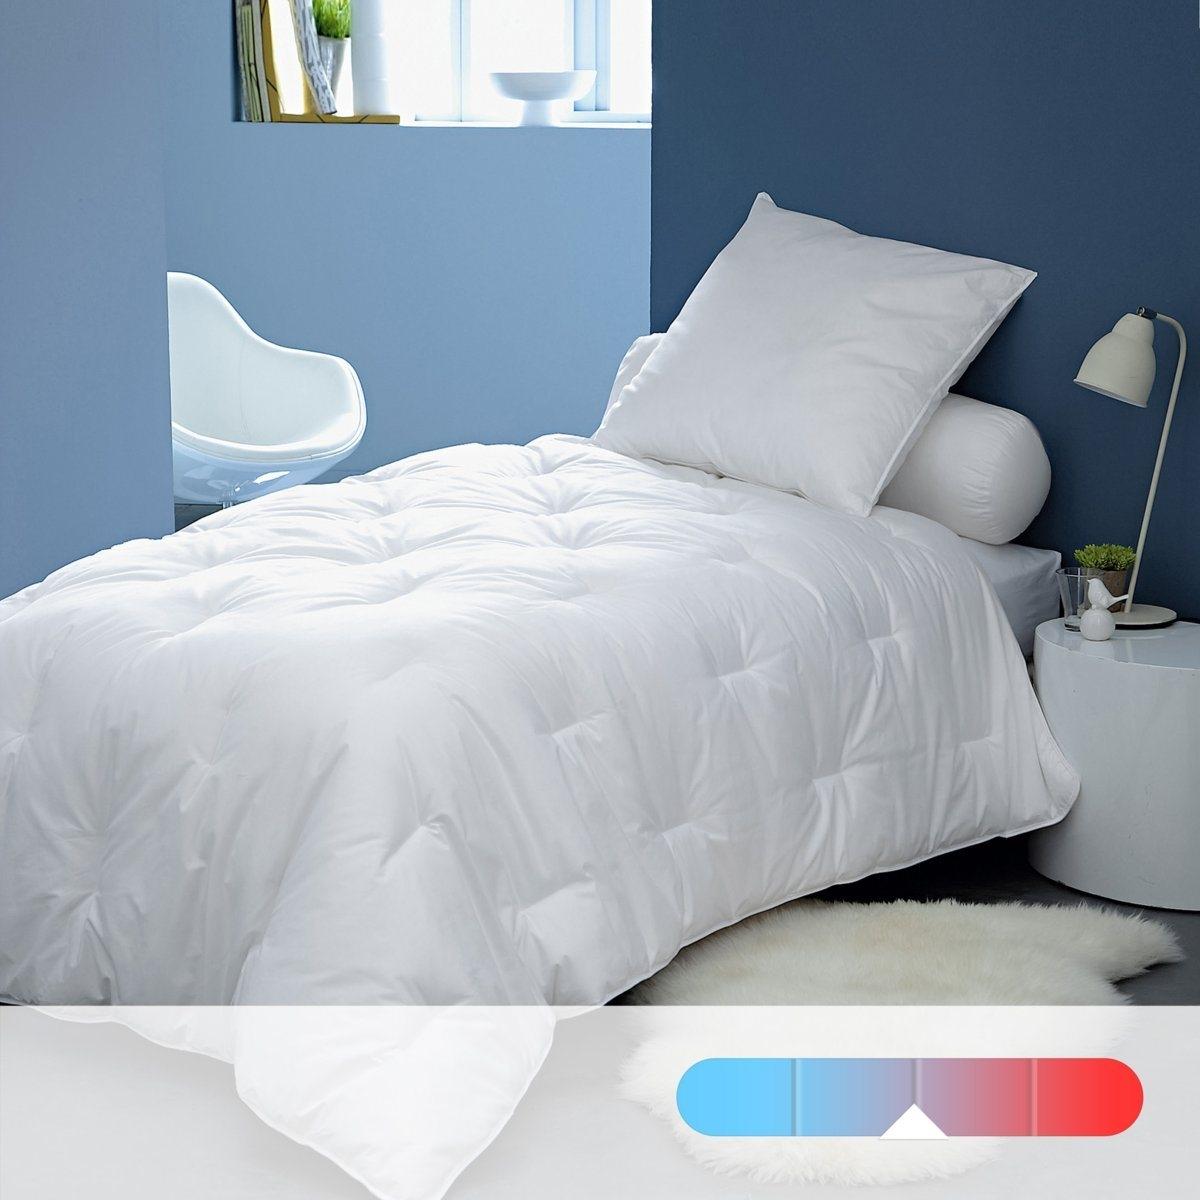 Синтетическое одеяло LESTRA, 350 г/м?Регулируемое тепло и легкость одеяла QUALLOFIL-AIR с обработкой Allerban против бактерий, клещей и грибка гарантирует вам спокойный сон на всю ночь. Качество наполнителя VALEUR S?RE: эксклюзивный состав из полых силиконизированных волокон, ультрапышных и суперлегких, из 100% полиэстера, обеспечивают циркуляцию воздуха и выводят влагу. Чехол из 100% хлопка. Отделка кантом из хлопка. Простежка пунктиром. Стирка при 40°, возможна машинная сушка при умеренной температуре. Идеально при температуре воздуха в комнате  15-18°. Плотность 350 г/м?.<br><br>Цвет: белый